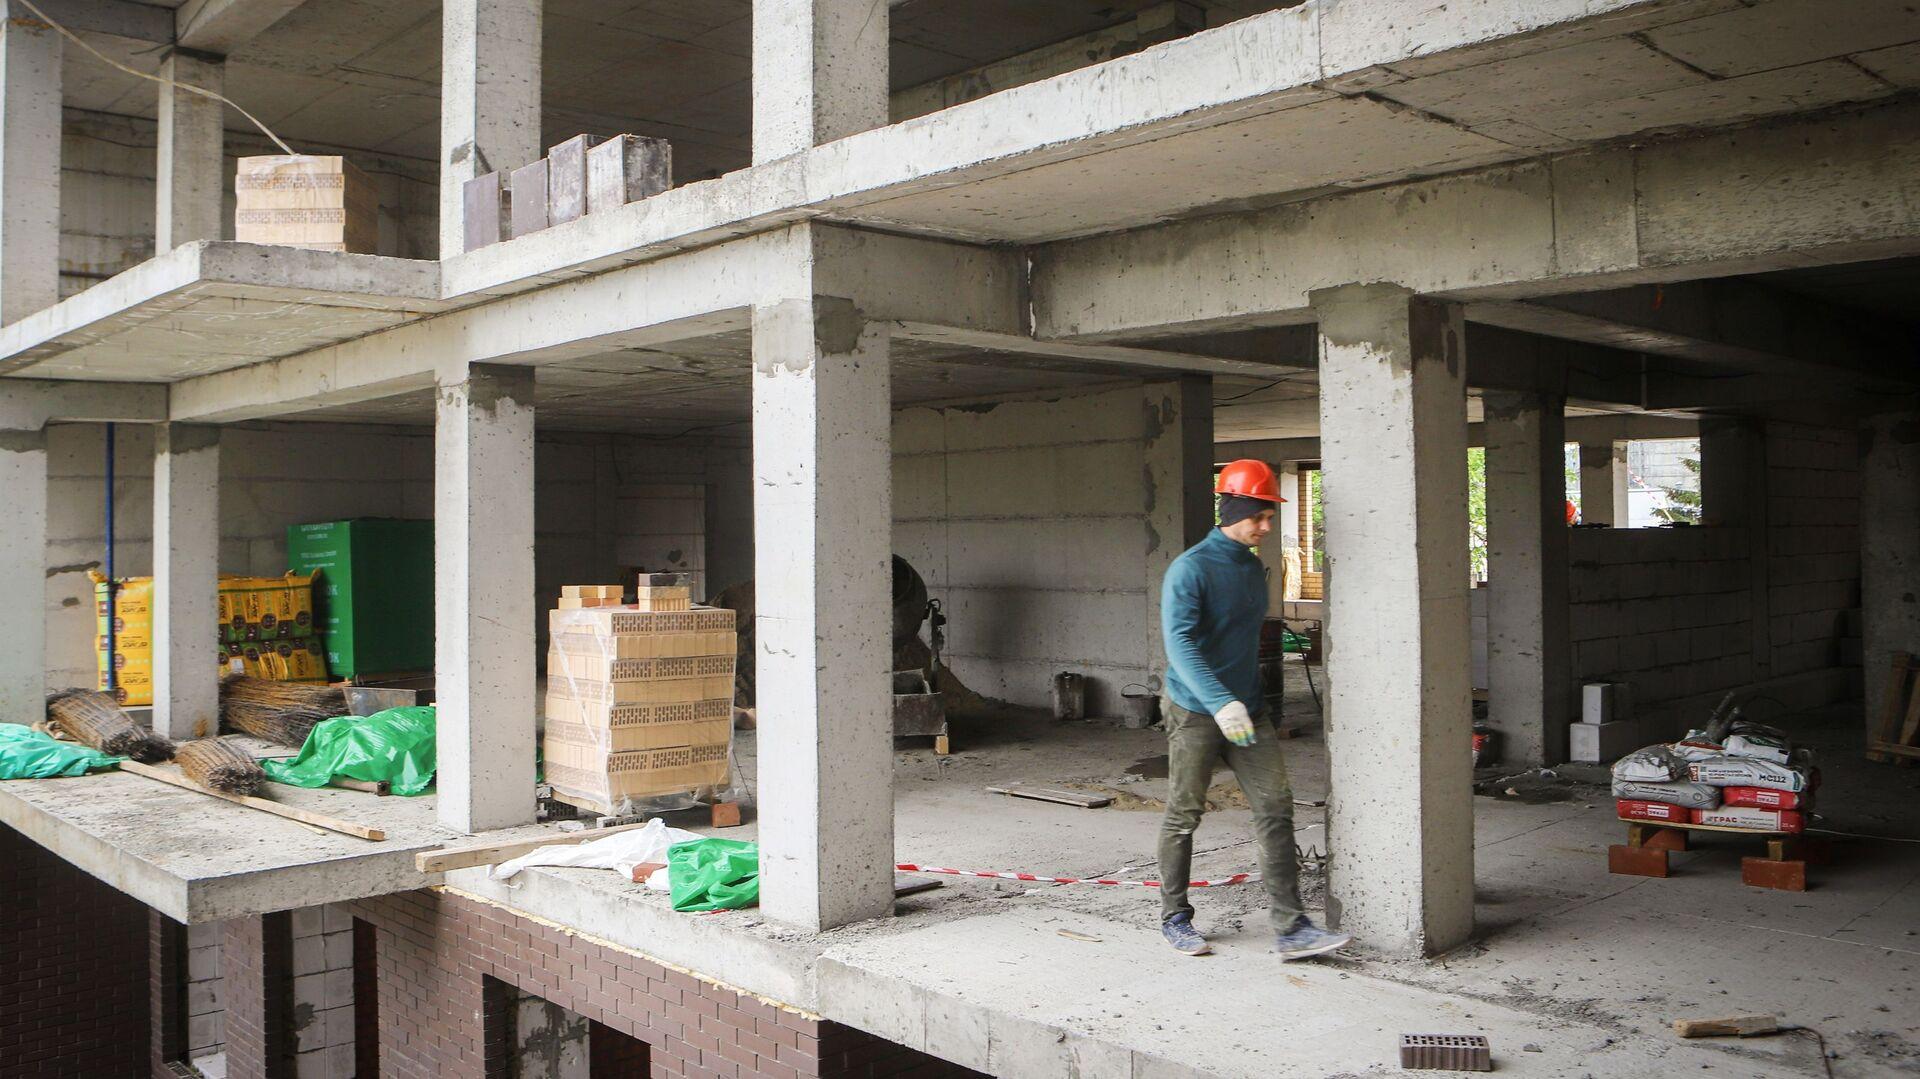 Строительство жилого дома  - Sputnik Беларусь, 1920, 02.03.2021